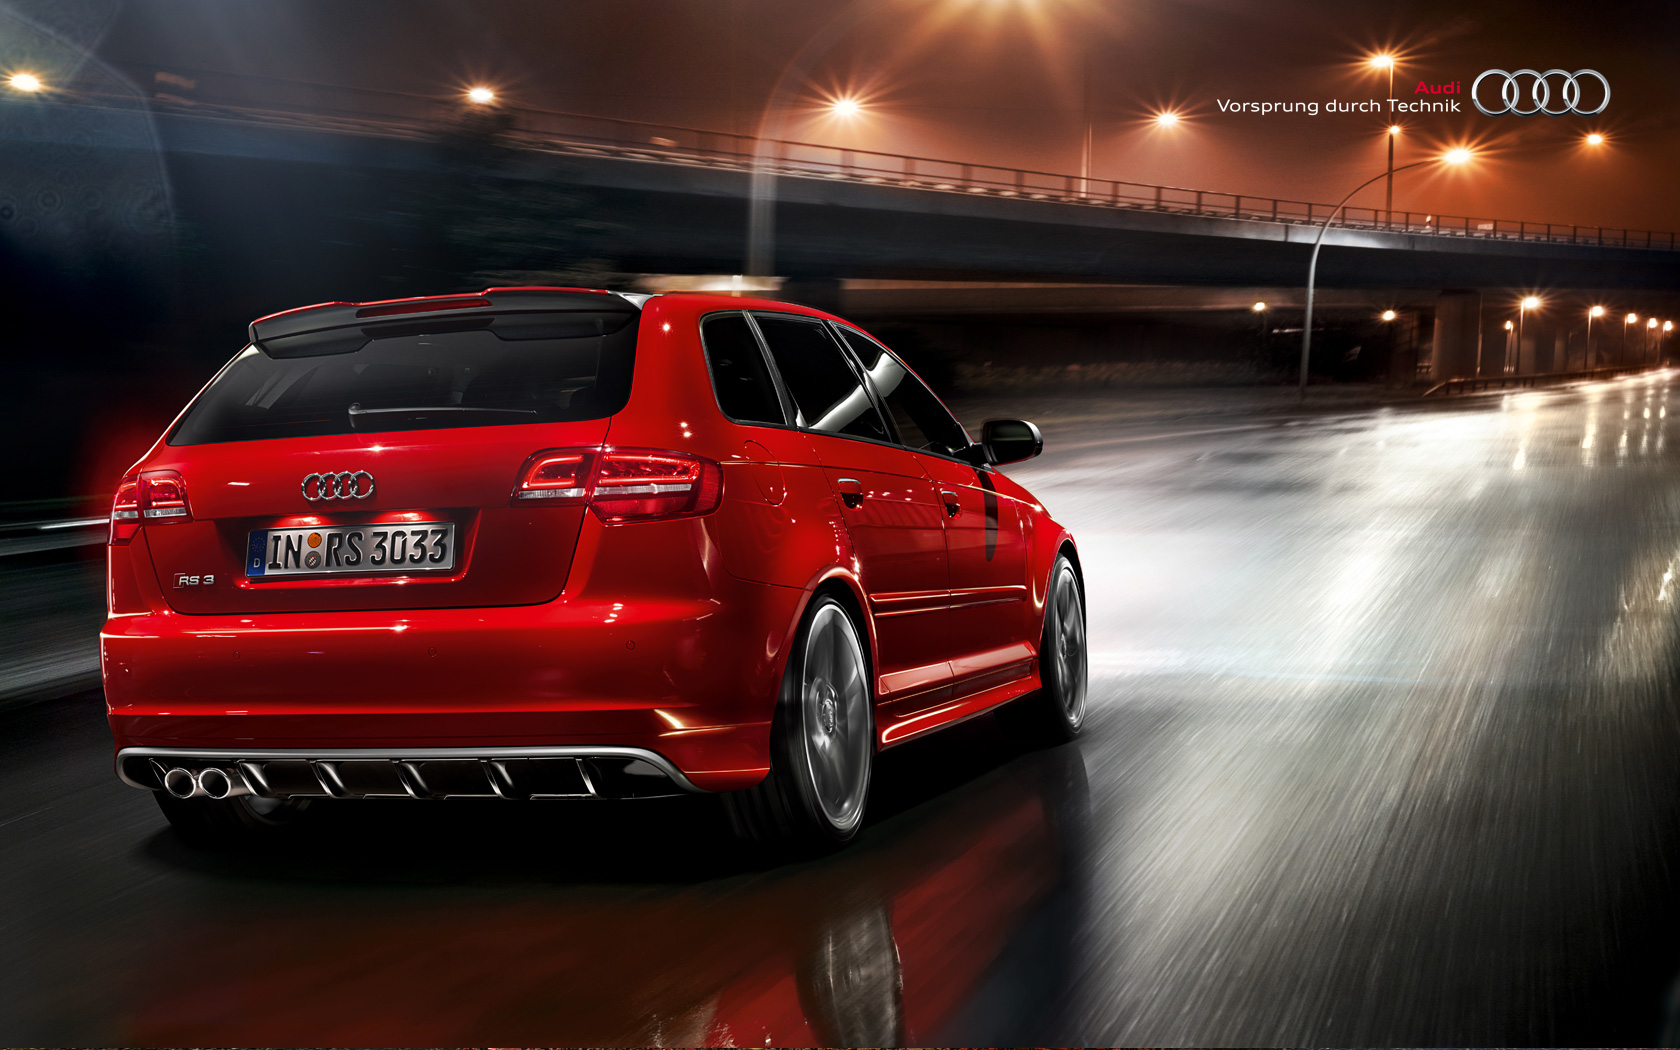 43 Audi Rs3 Wallpaper On Wallpapersafari